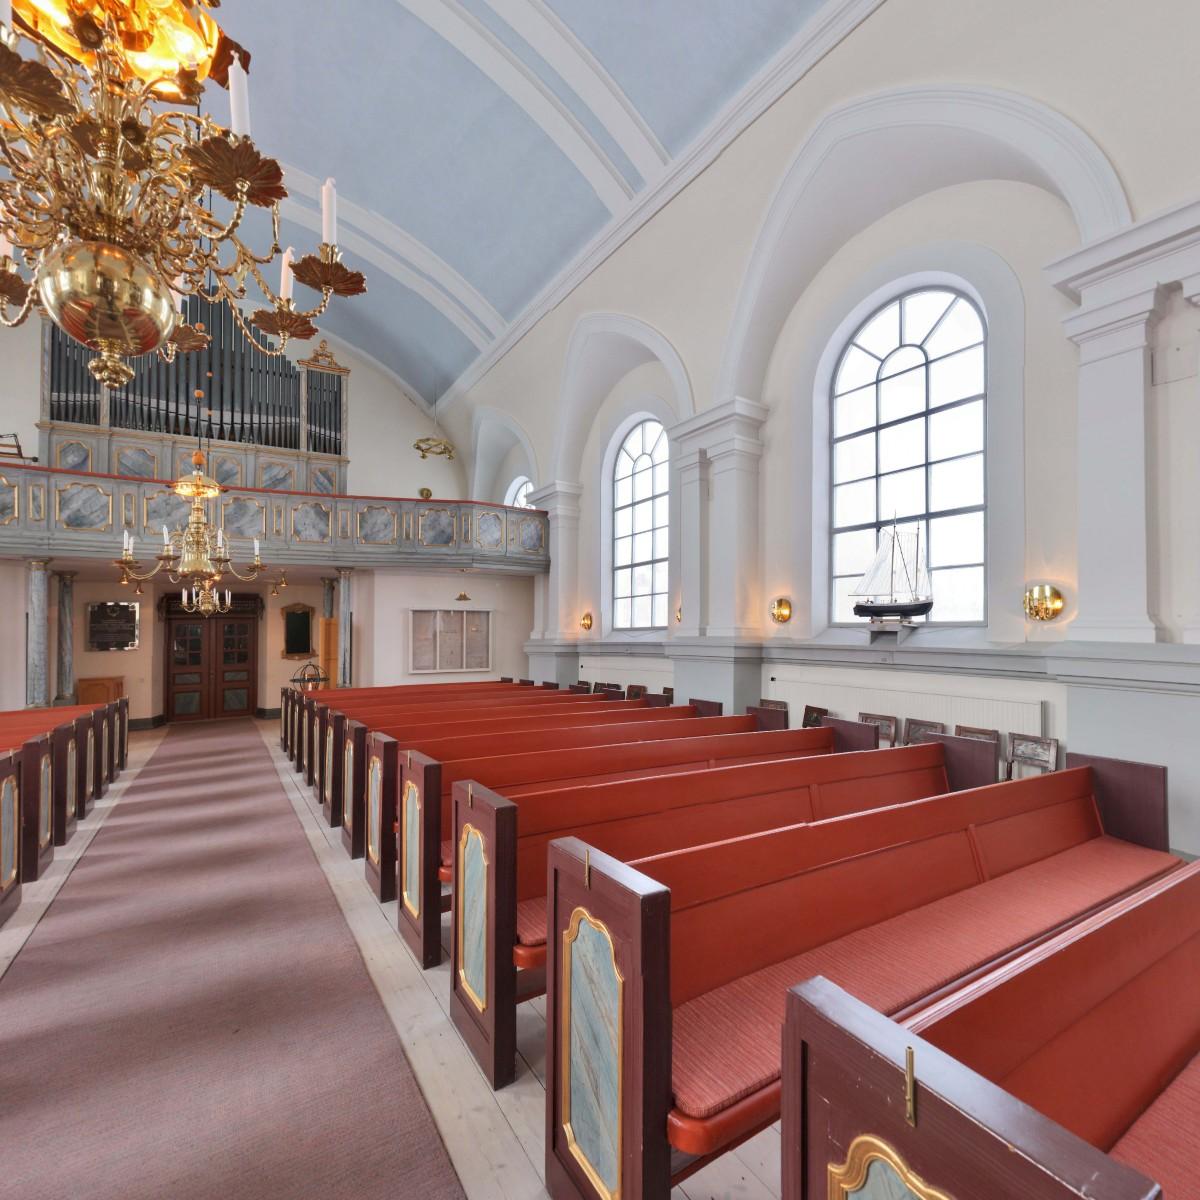 Vstervla kyrka - Vstanfors Vstervla frsamling